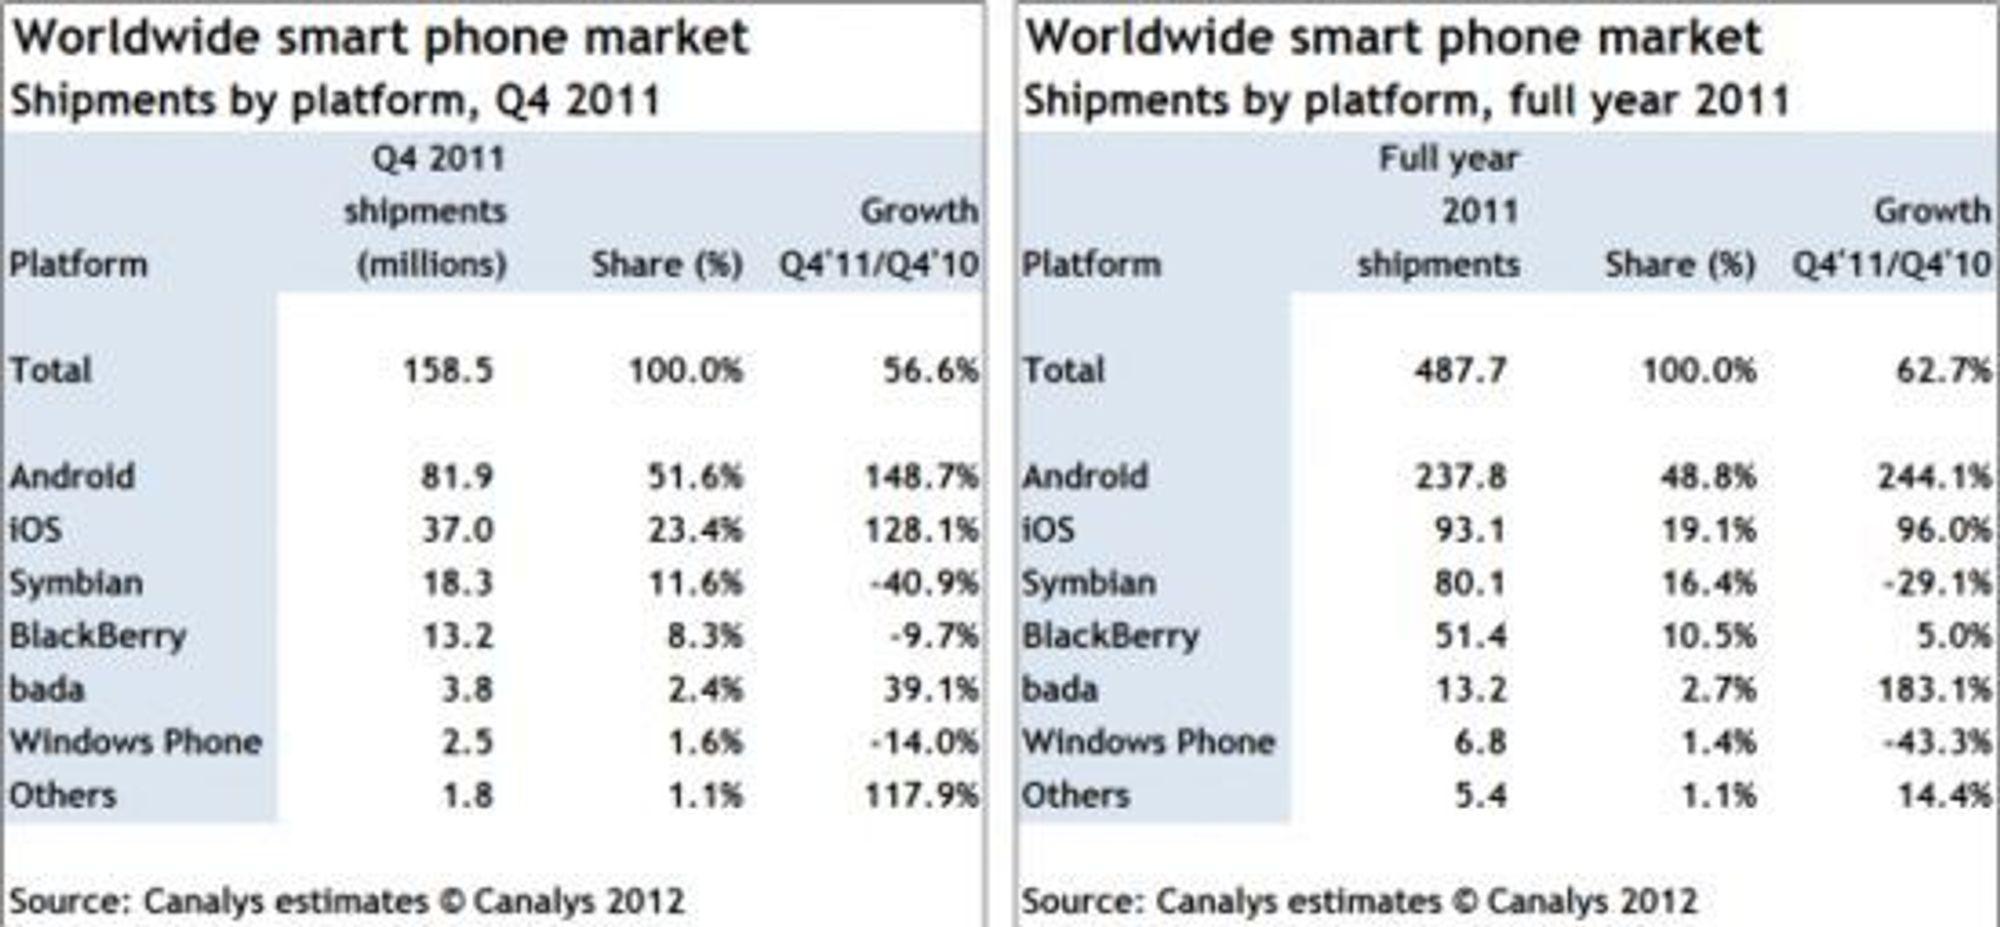 Salget av smartmobiler fordelt på plattform i fjerde kvartal av 2011 og hele 2011 under ett.